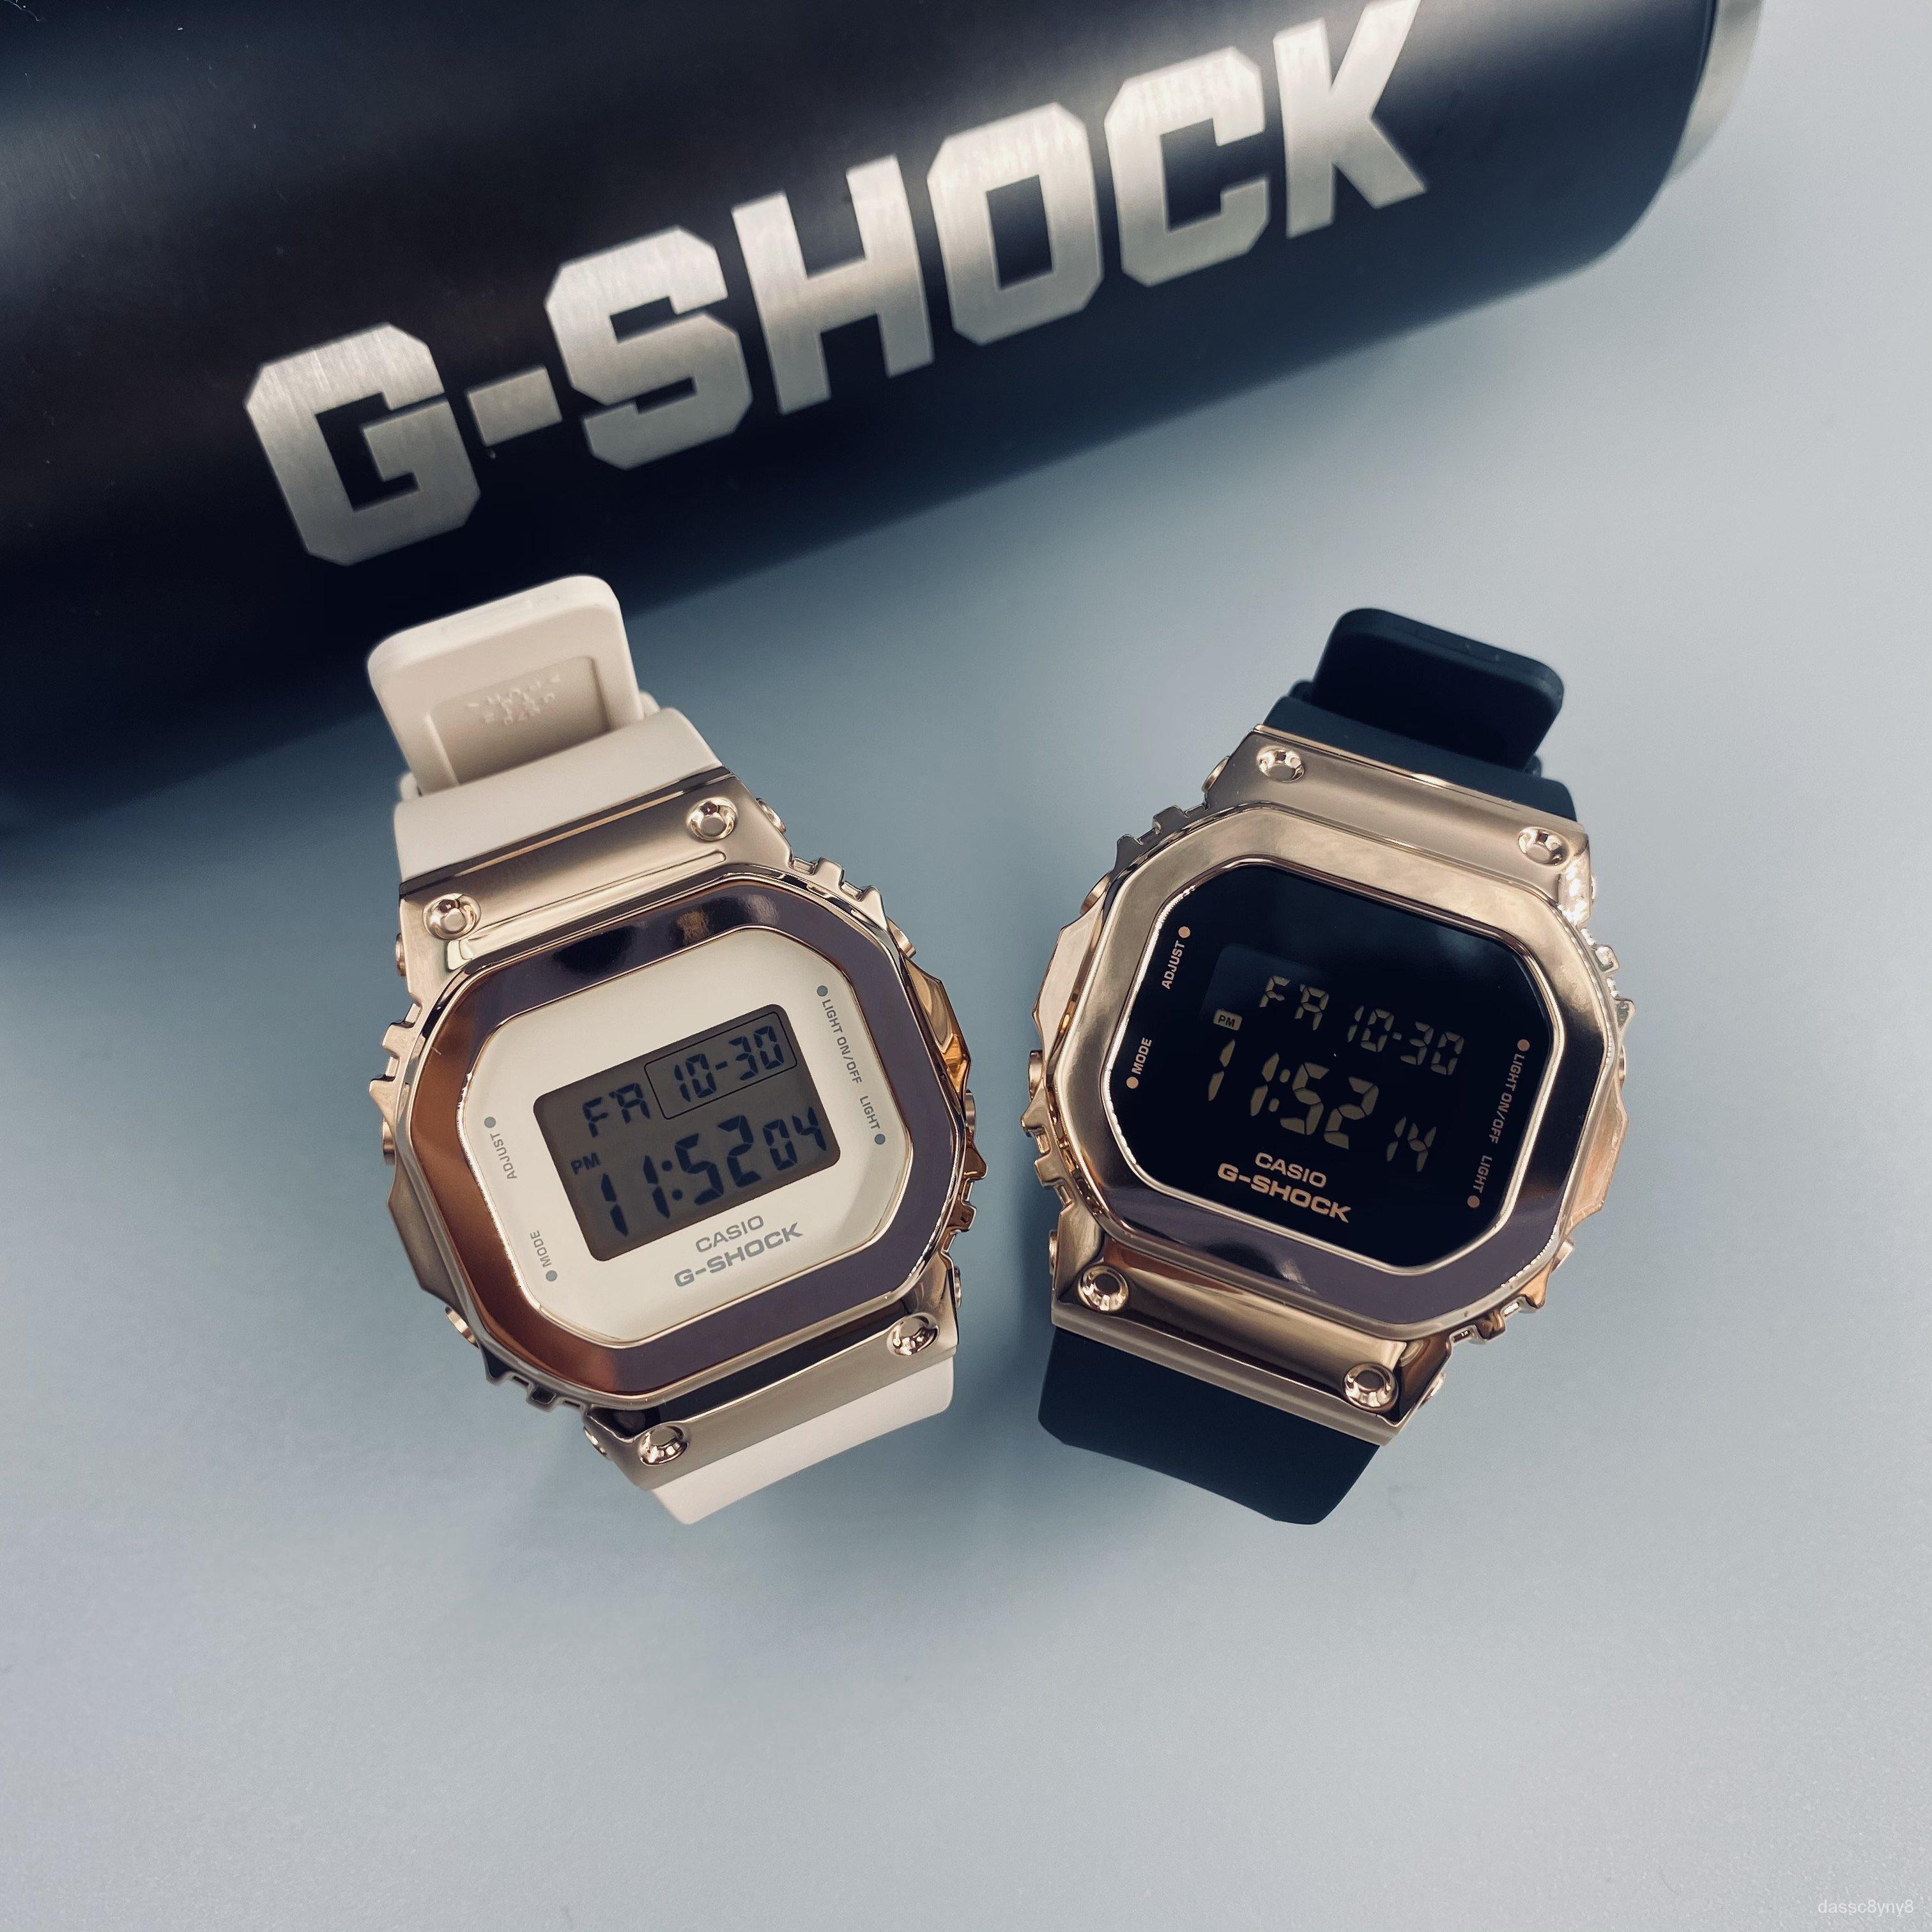 卡西歐GSHOCK女款金屬小方塊防水手錶GM-S5600-1PR/S5600PG-1/4PR lIb8